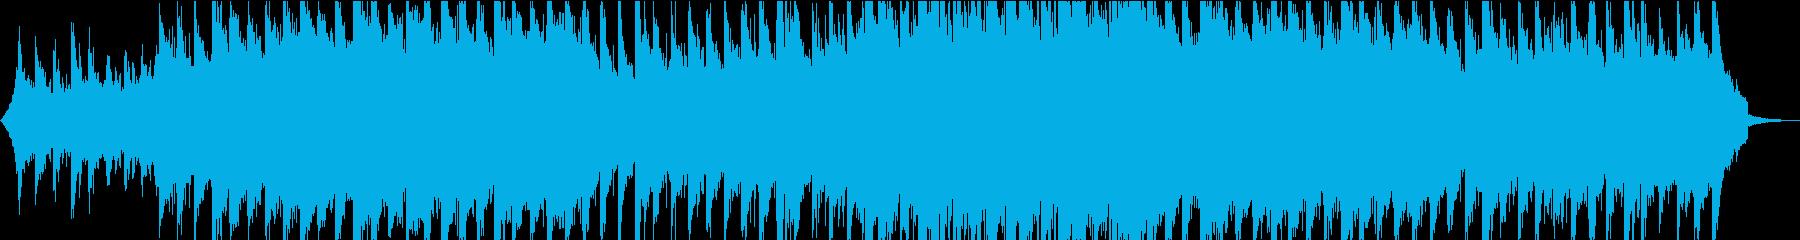 美しいギターメロディのコーポレート②の再生済みの波形